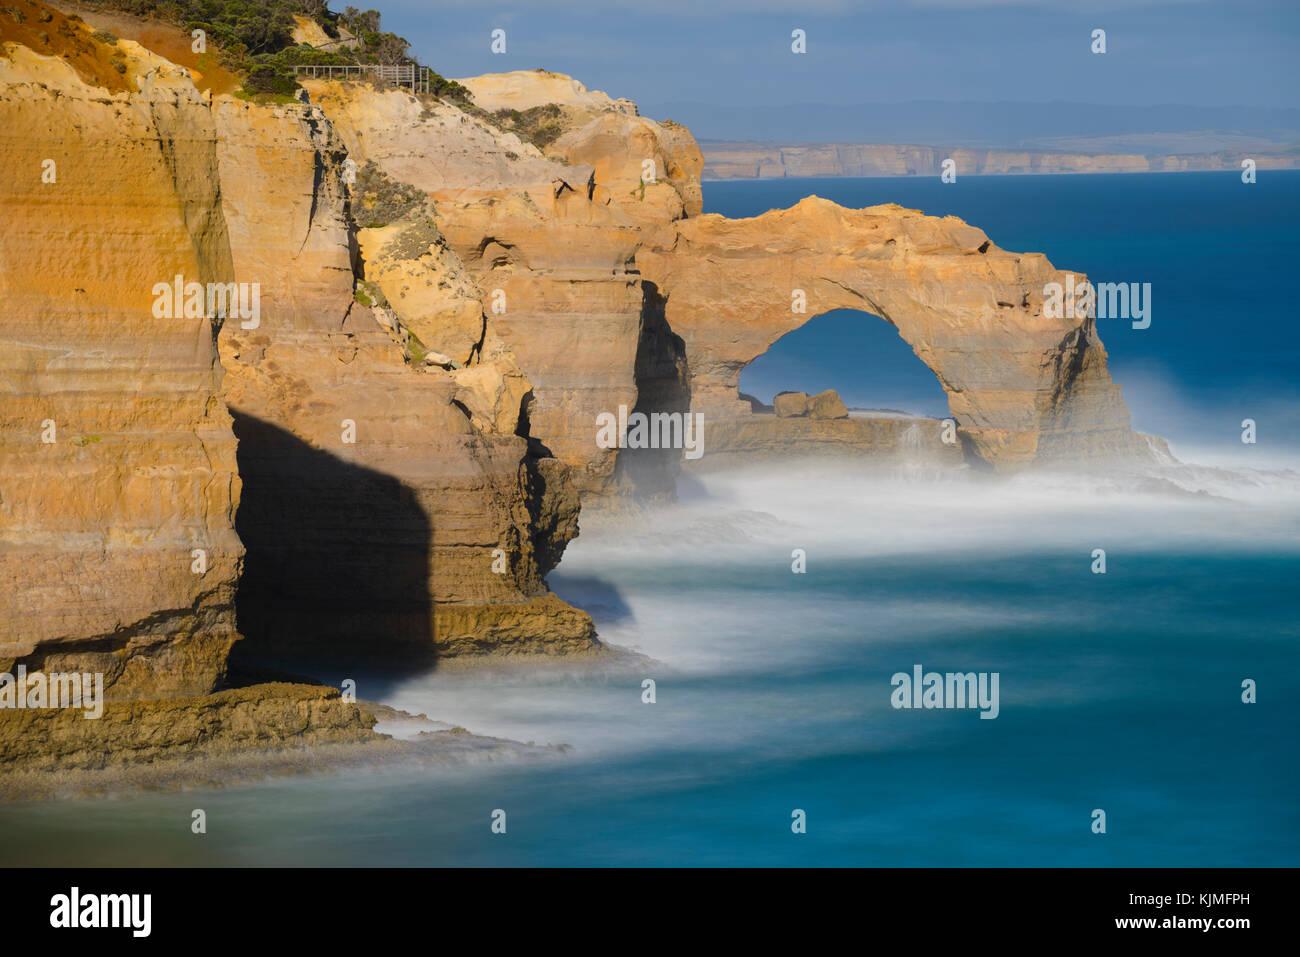 L'Arche, les douze apôtres, Great Ocean Road, Port Campbell National Park, Victoria, Australie Photo Stock